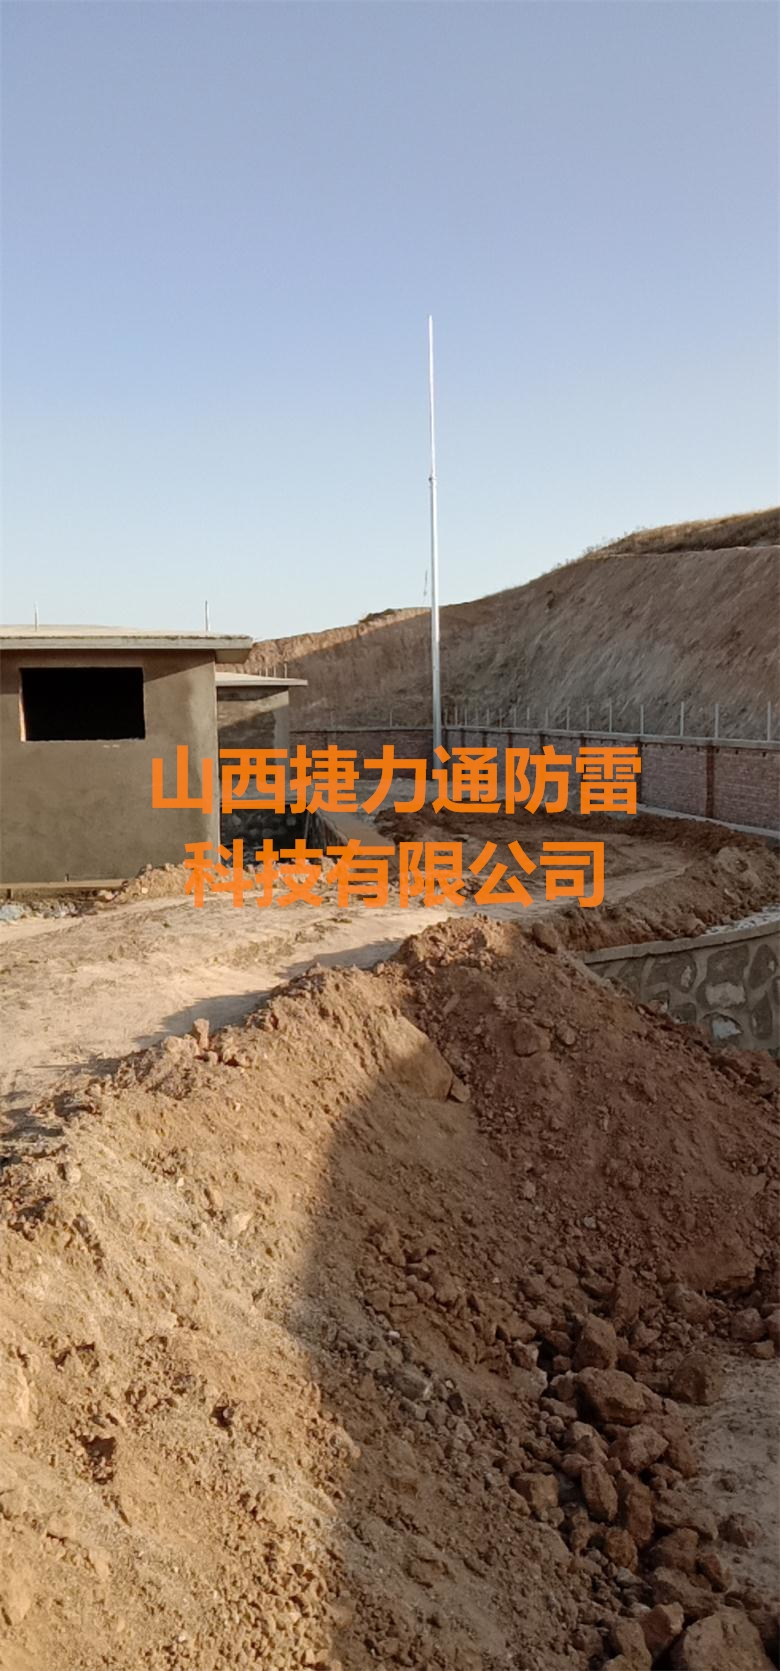 繁峙XX矿业GH环形钢管杆千赢网页手机版登入安装